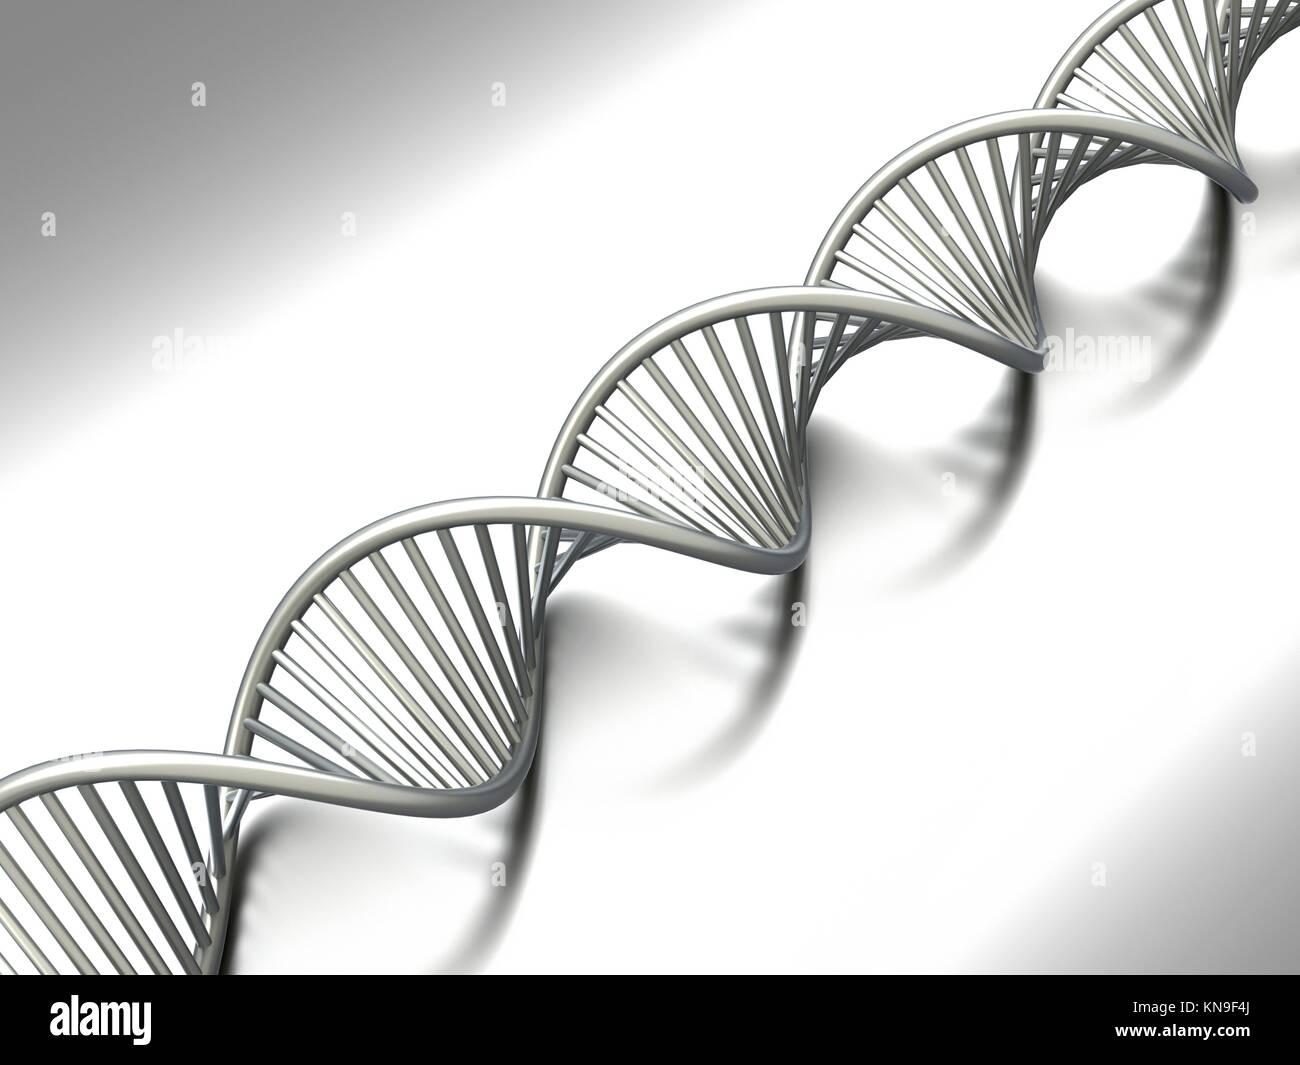 A symbolic DNA model. 3D rendered illustration. - Stock Image